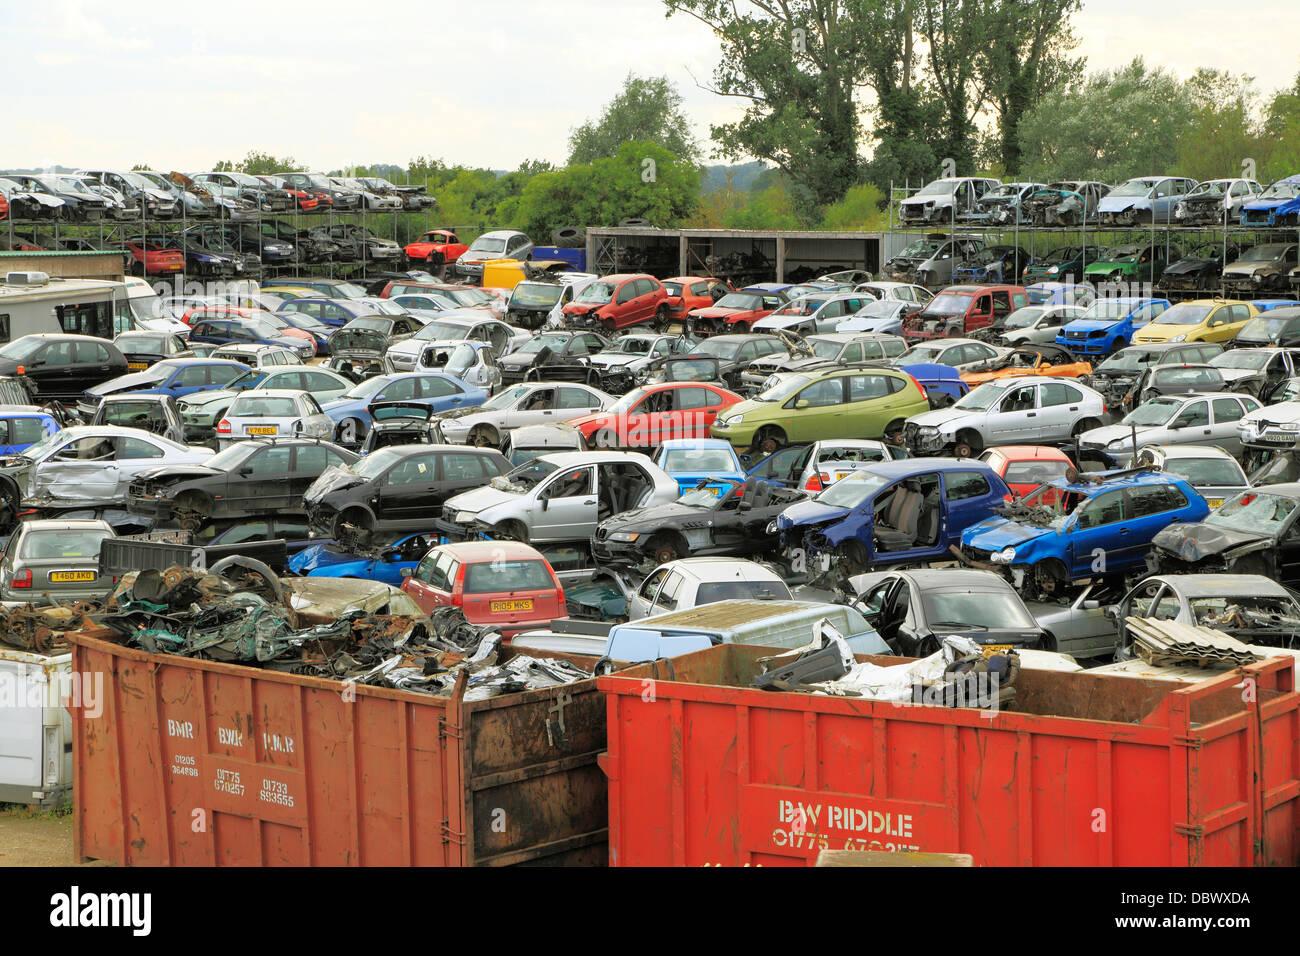 Véhicules accidentés Dump , Cour de récupération, recyclage ferrailles voitures dépôt Photo Stock